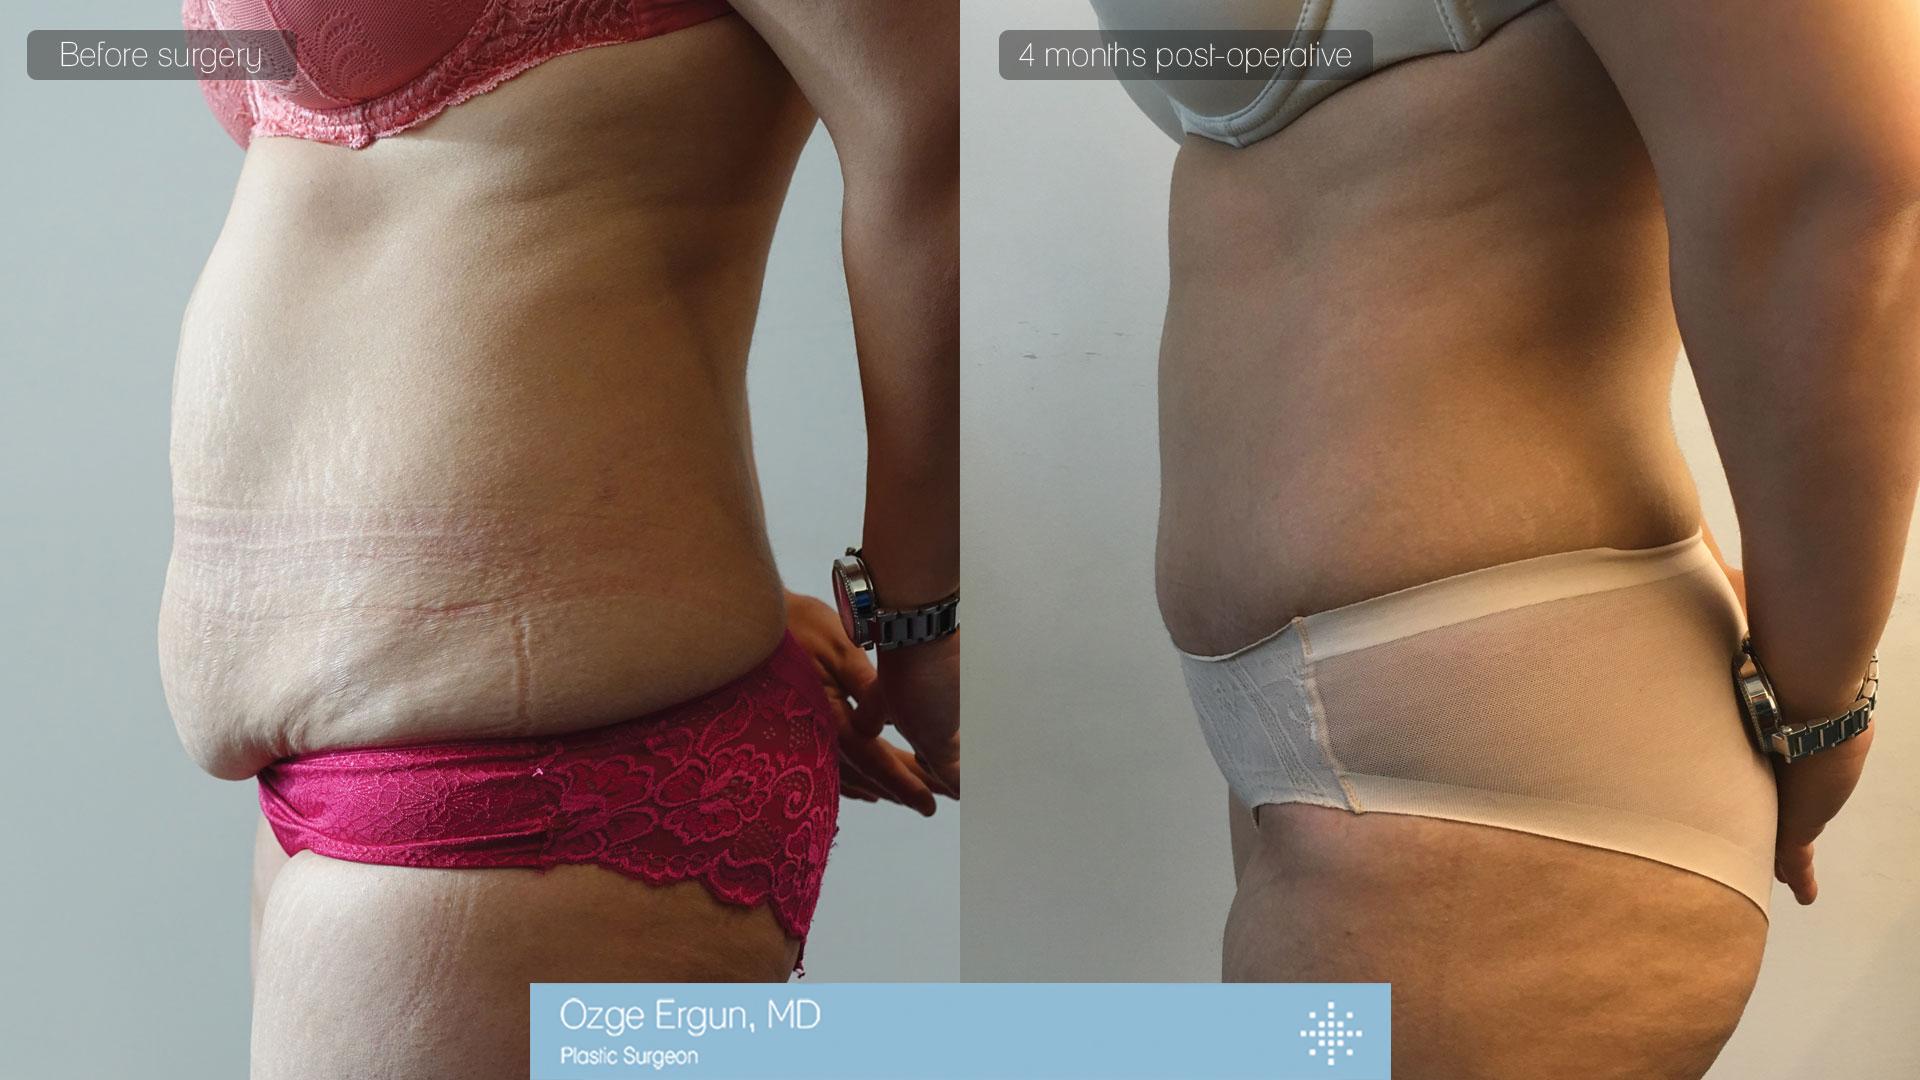 شد البطن & شفط الدهون بتقنية الفيزر